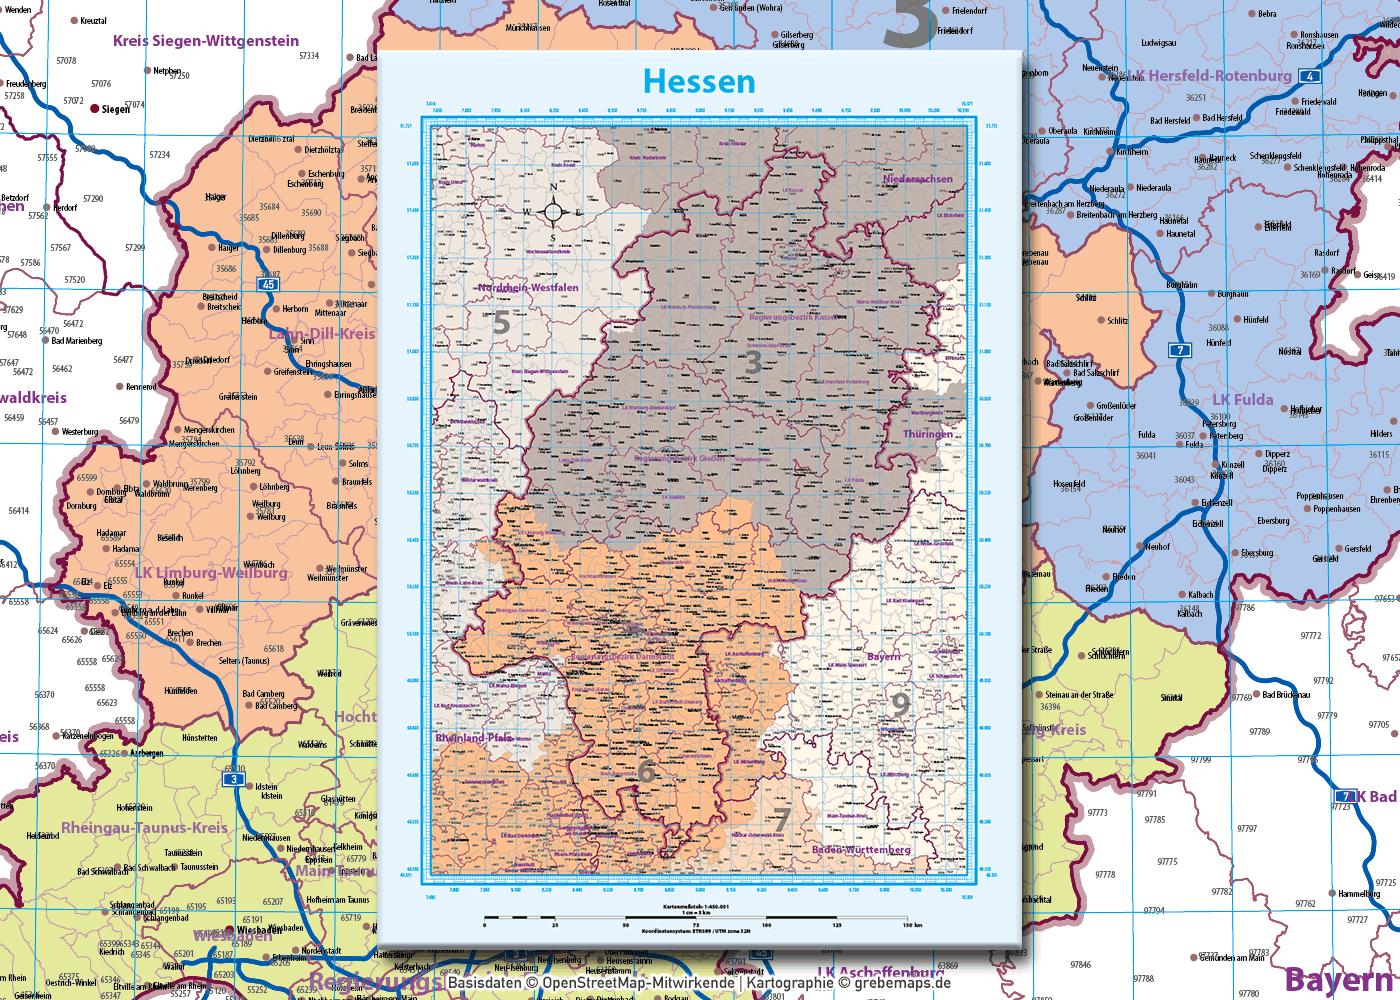 Hessen Vektorkarte Landkreise Gemeinden Postleitzahlen PLZ-5, Karte Hessen Gemeinden, Karte Hessen Landkreise, PLZ-Karte Hessen, Karte PLZ Hessen, Karte PLZ 5-stellig Hessen, Vektorgrafik, AI, download, editierbar, ebenen-separiert, Vektorkarte Hessen Gemeinden, Vektorkarte Hessen Postleitzahlen, Vektorkarte Hessen Landkreise, Vektorkarte Hessen PLZ-5